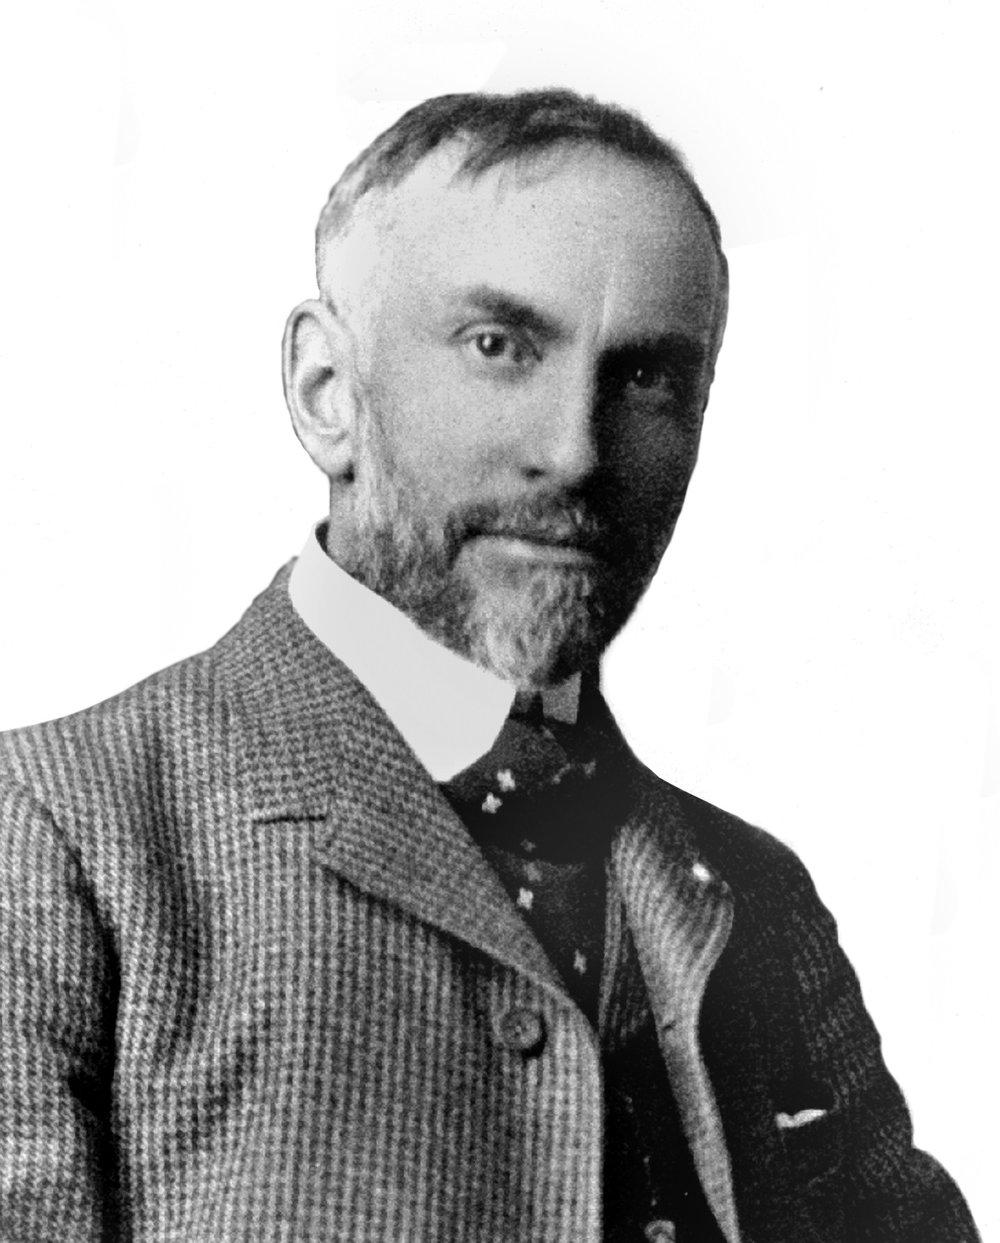 David Wolcott Kendall